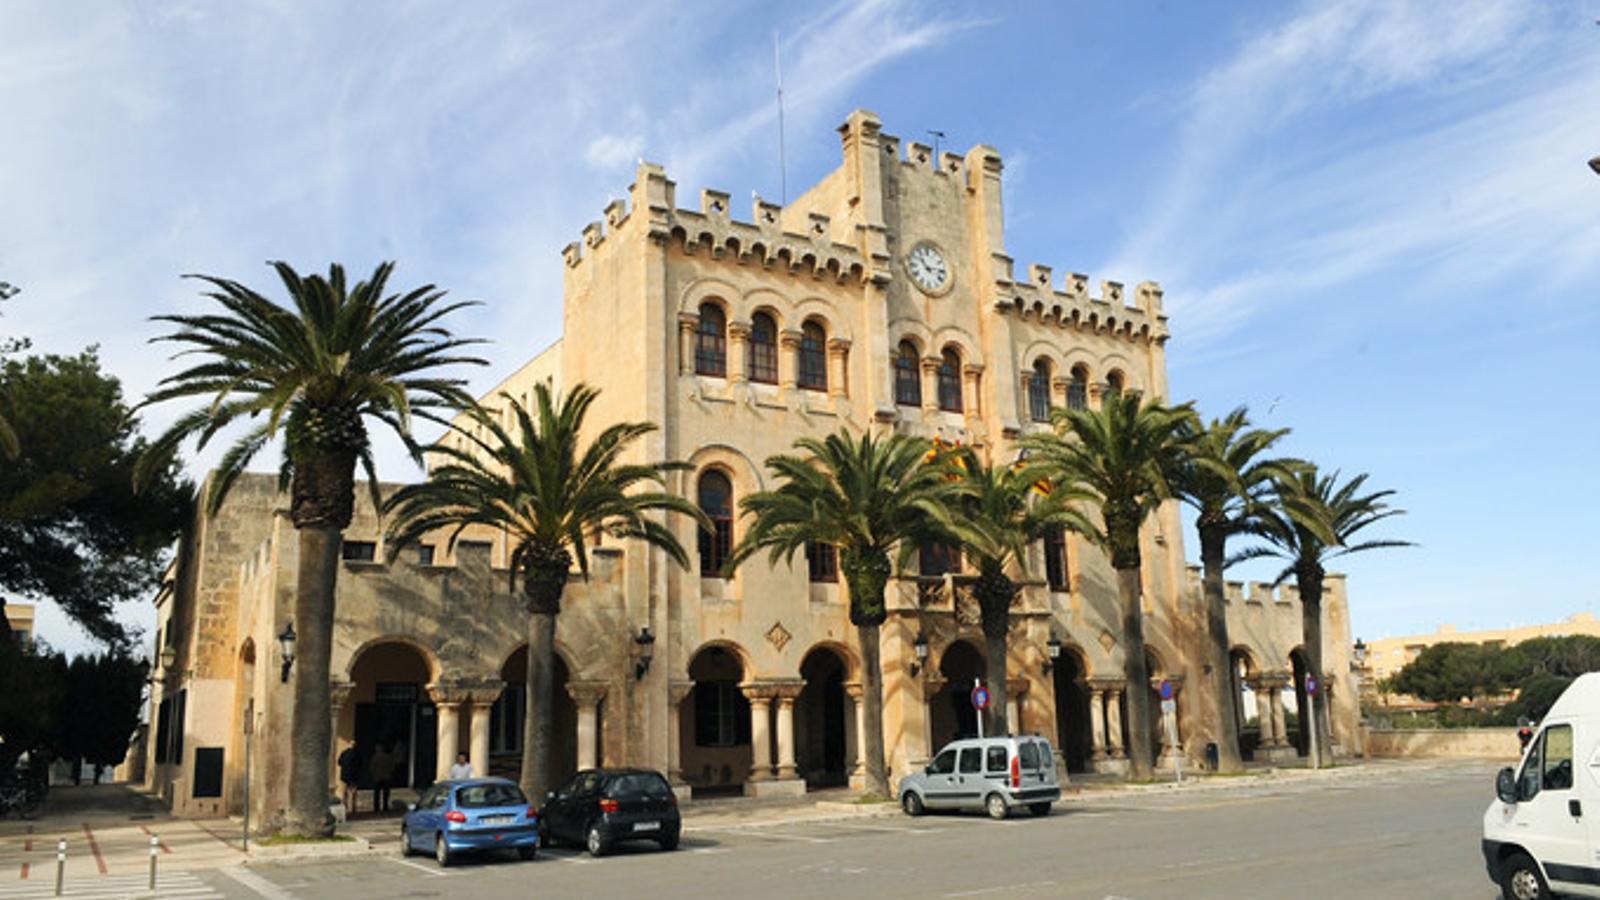 Els partits que configuren el govern a Ciutadella donaran el vistiplau a la proposta.